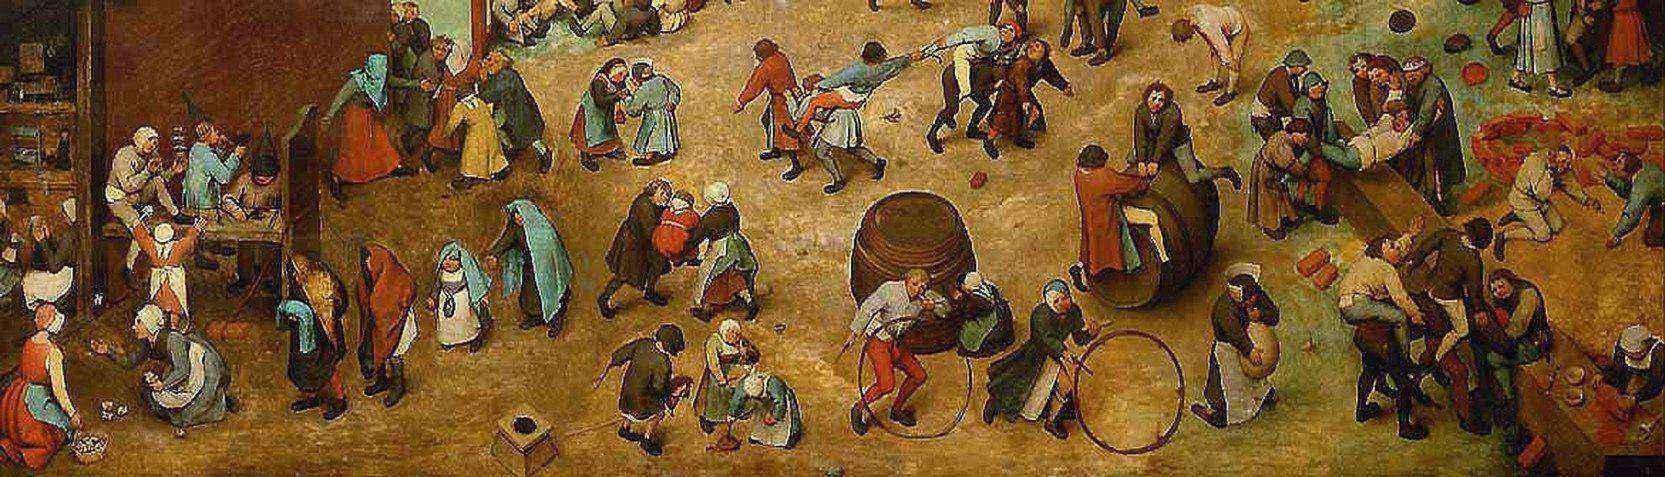 Artistas A-Z - Pieter Bruegel der Jüngere